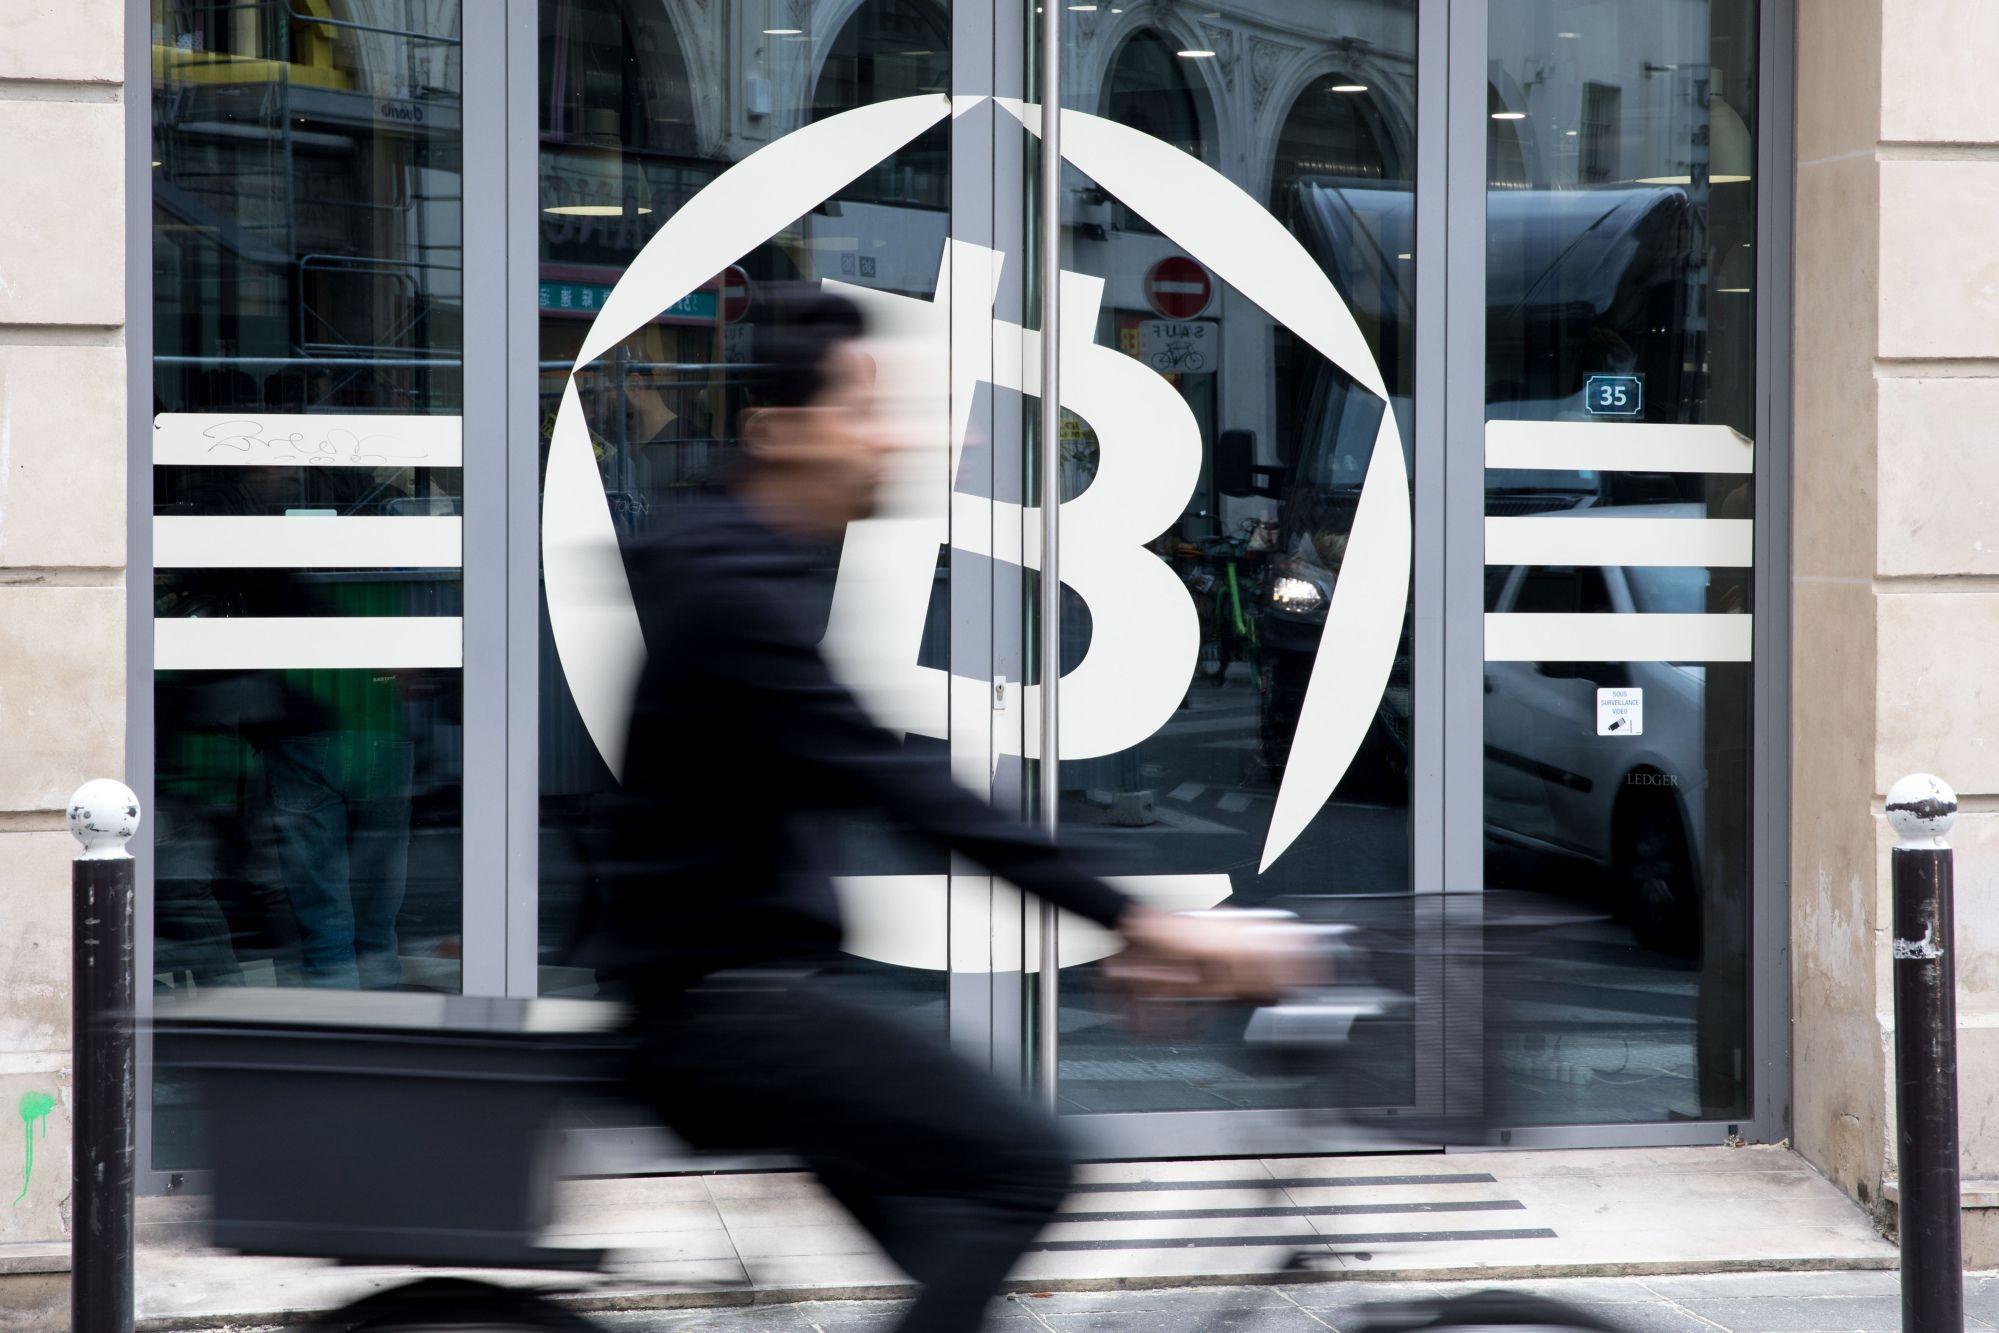 Bitcoin sập giá, nhà đầu tư non trẻ nếm thất bại đầu 2021 - Ảnh 2.